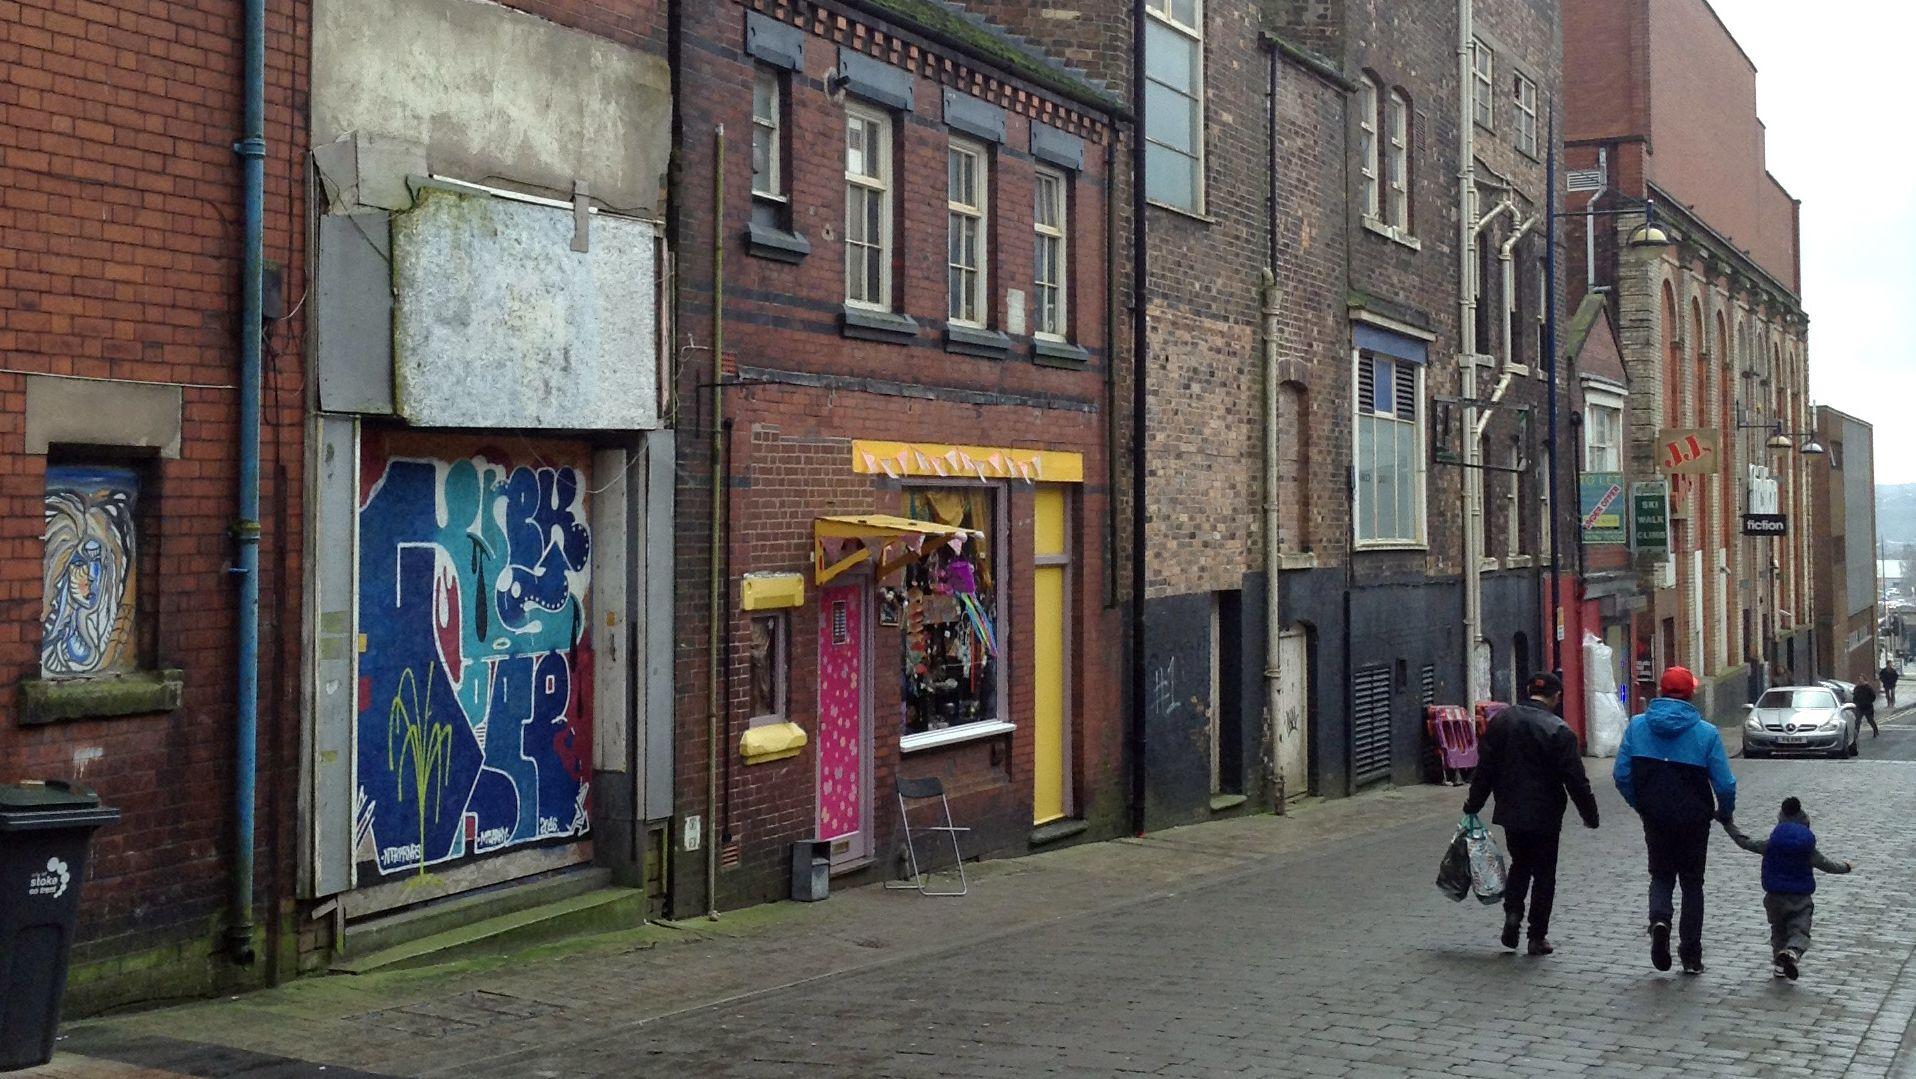 Ein Straße mit geschlossenen Geschäften und Graffiti, aufgenommen am 10.02.2017 in Stoke-on-Trent, England, Großbritannien.